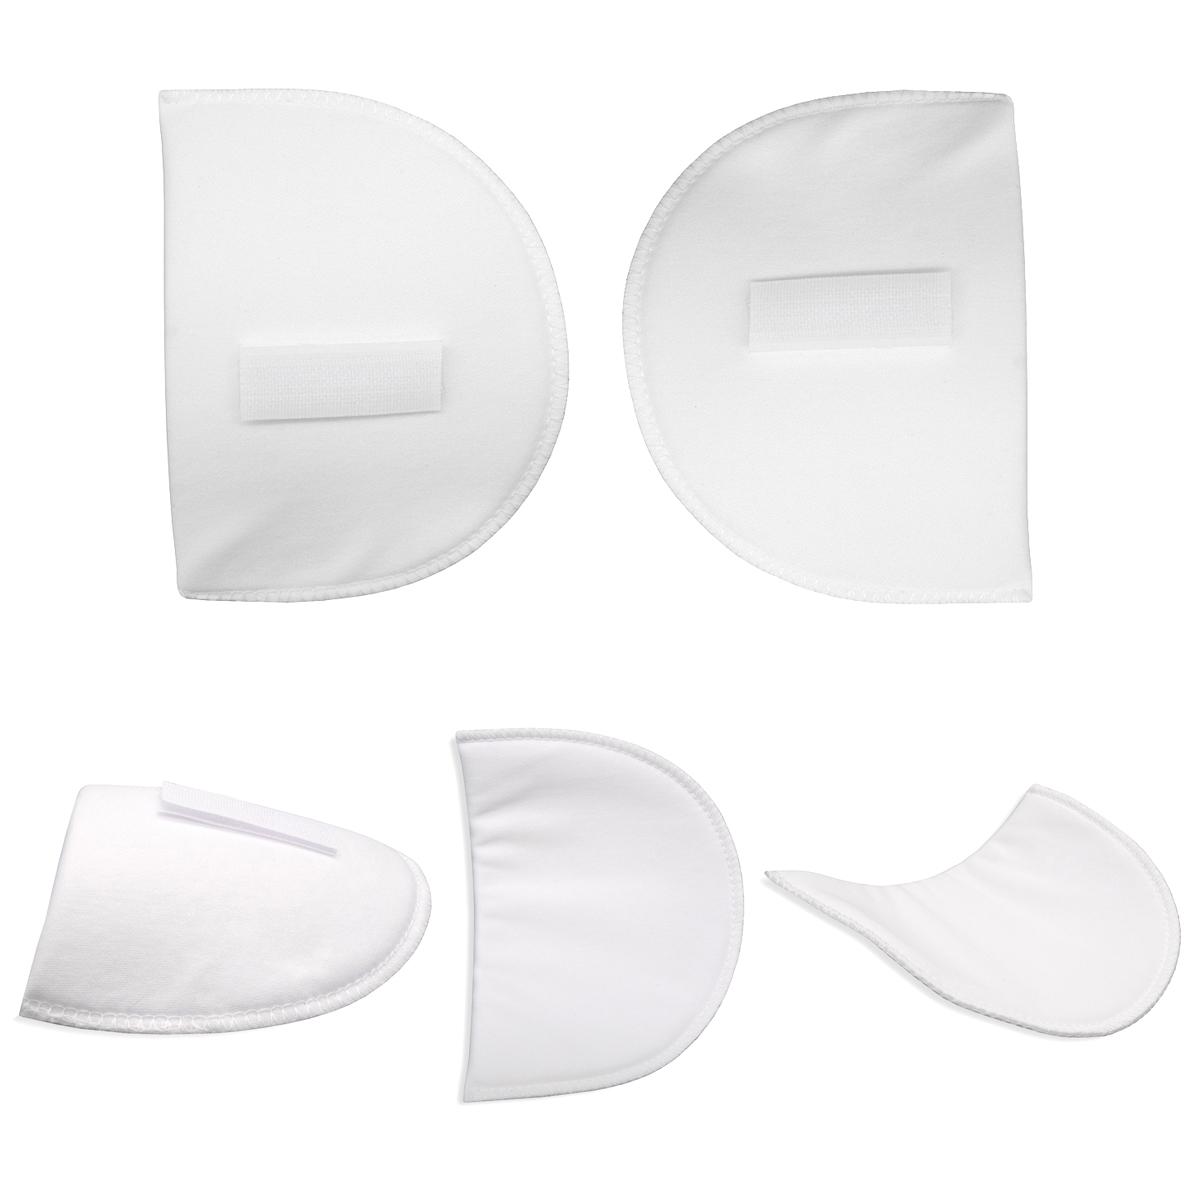 ВК-10/6 Плечевые накладки с плотной обшивкой и конт.-лентой, втачные, белый, 10*100*145 мм